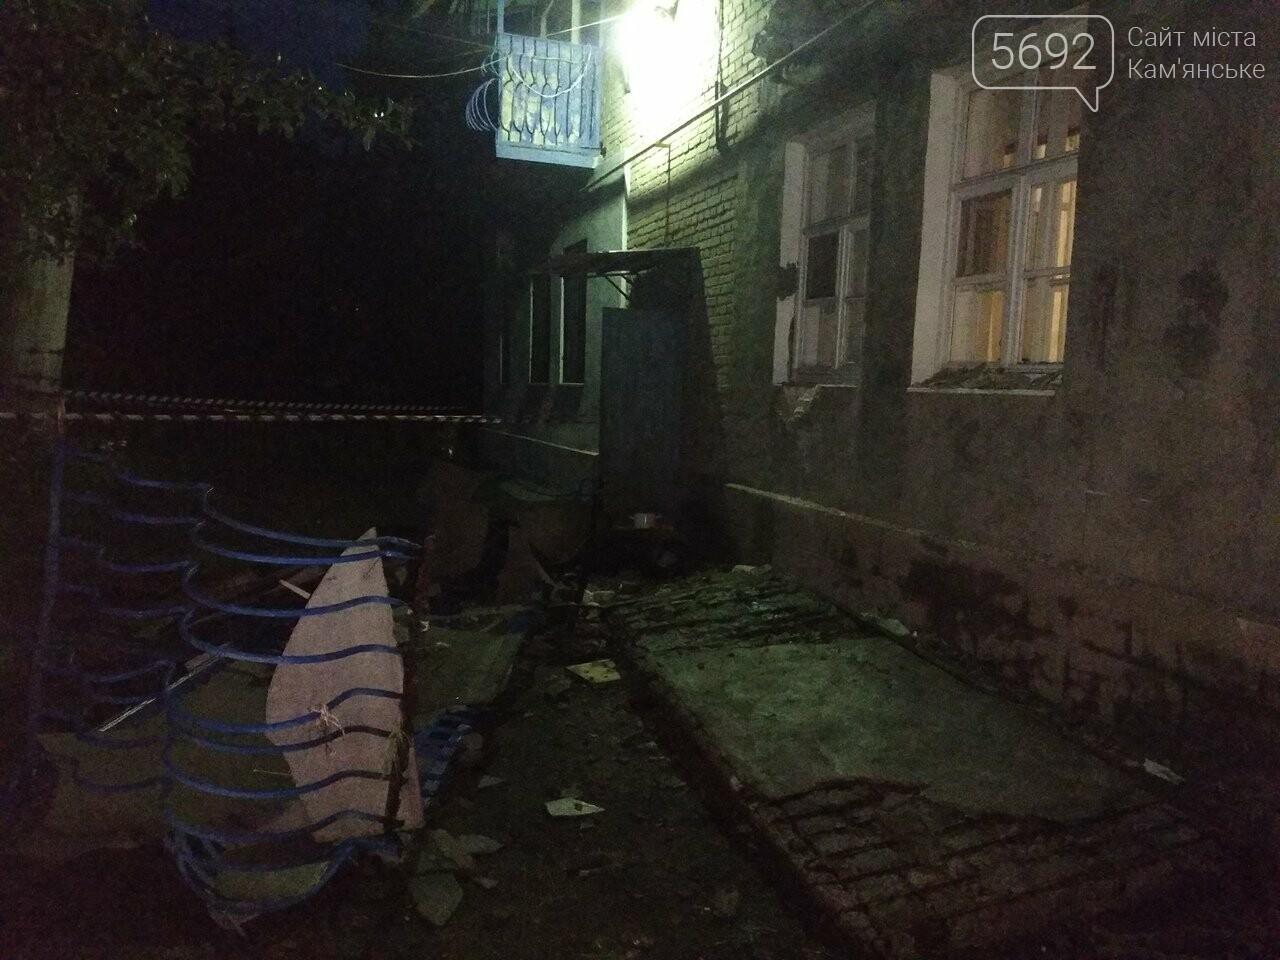 В Каменском упал балкон: есть пострадавшие, фото-4